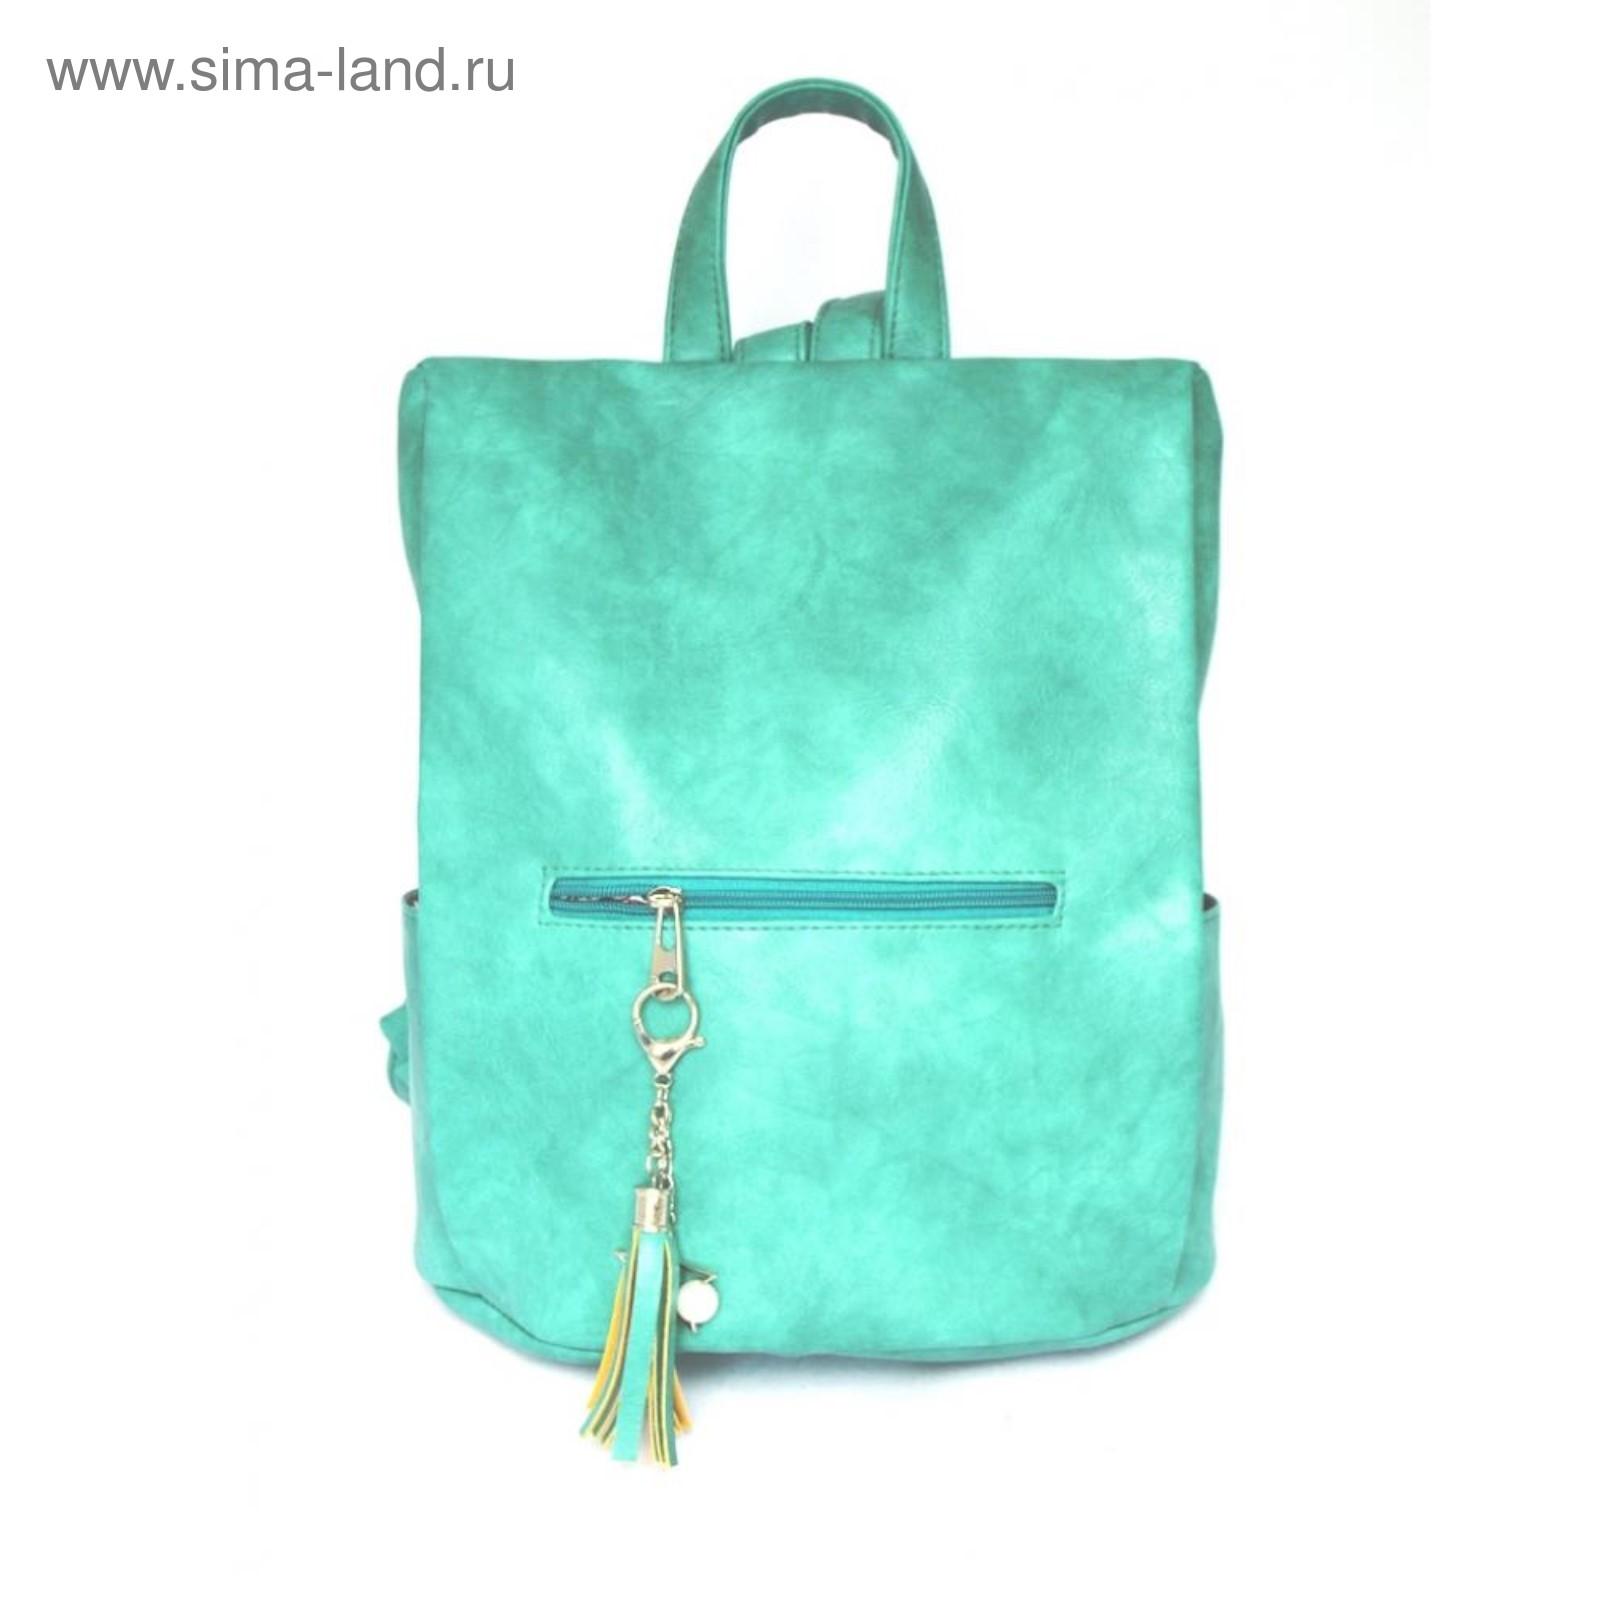 2fa231f70304 Рюкзак женский Serena, 1 отдел, цвет мятный (4143103) - Купить по ...